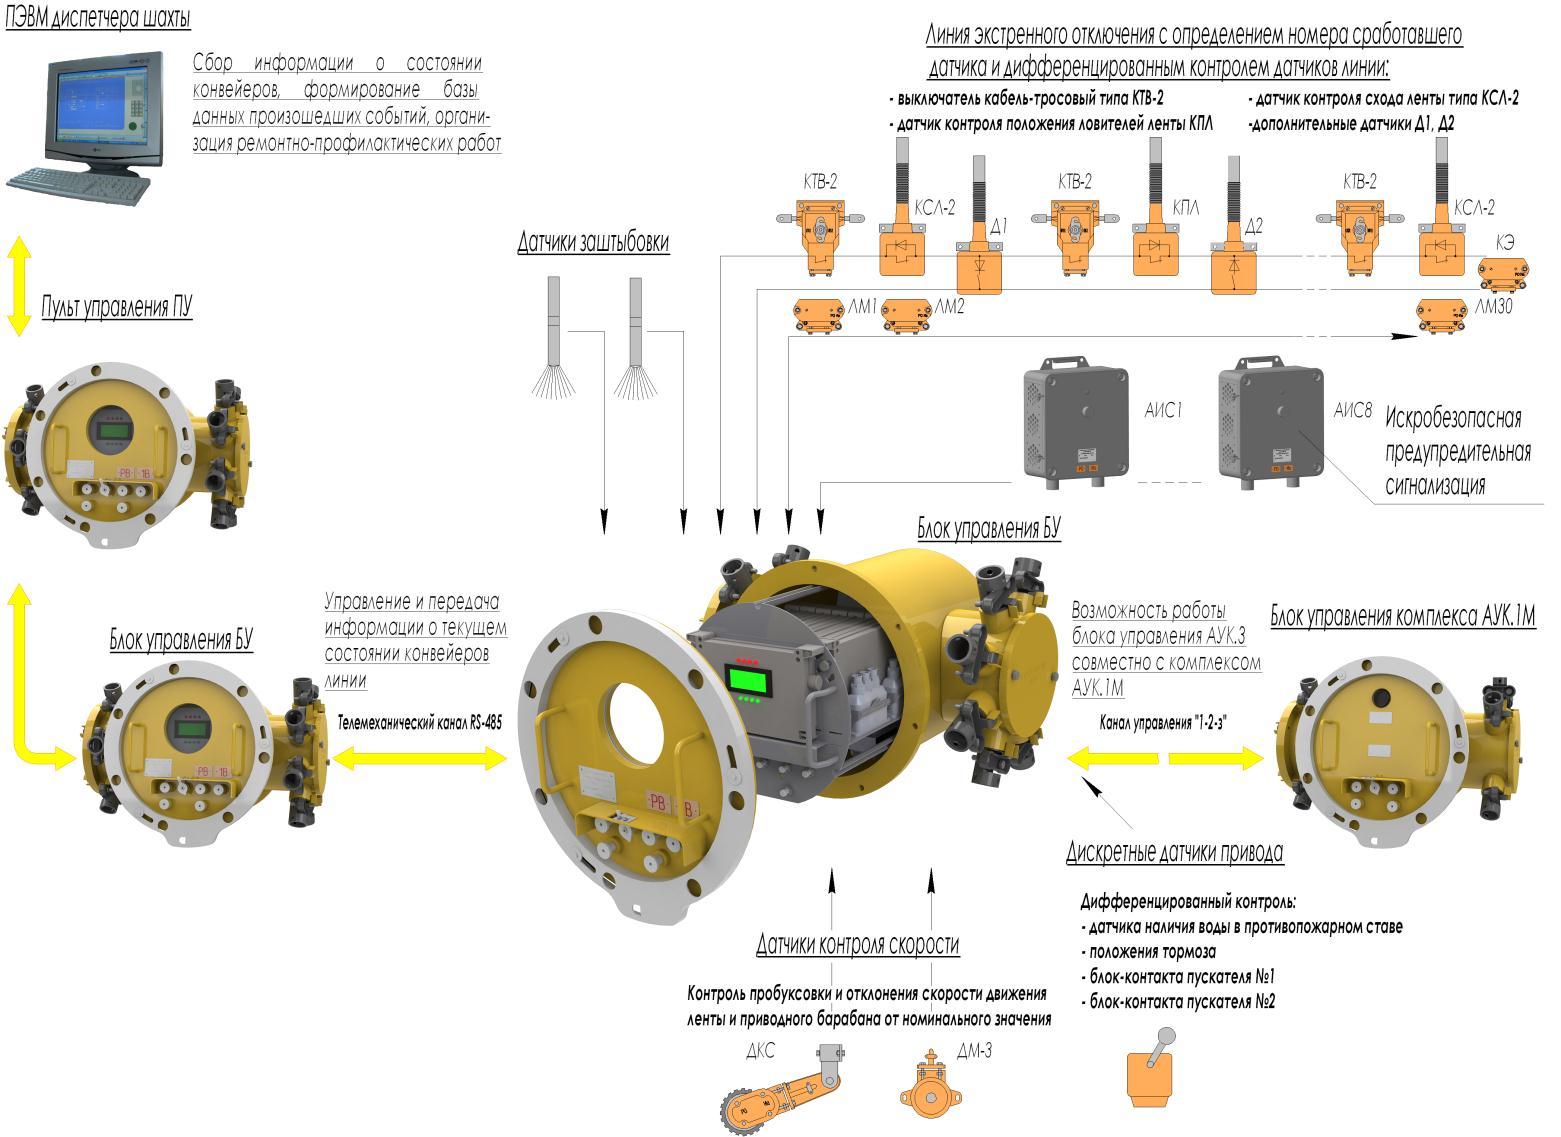 Схема управления конвейером 2